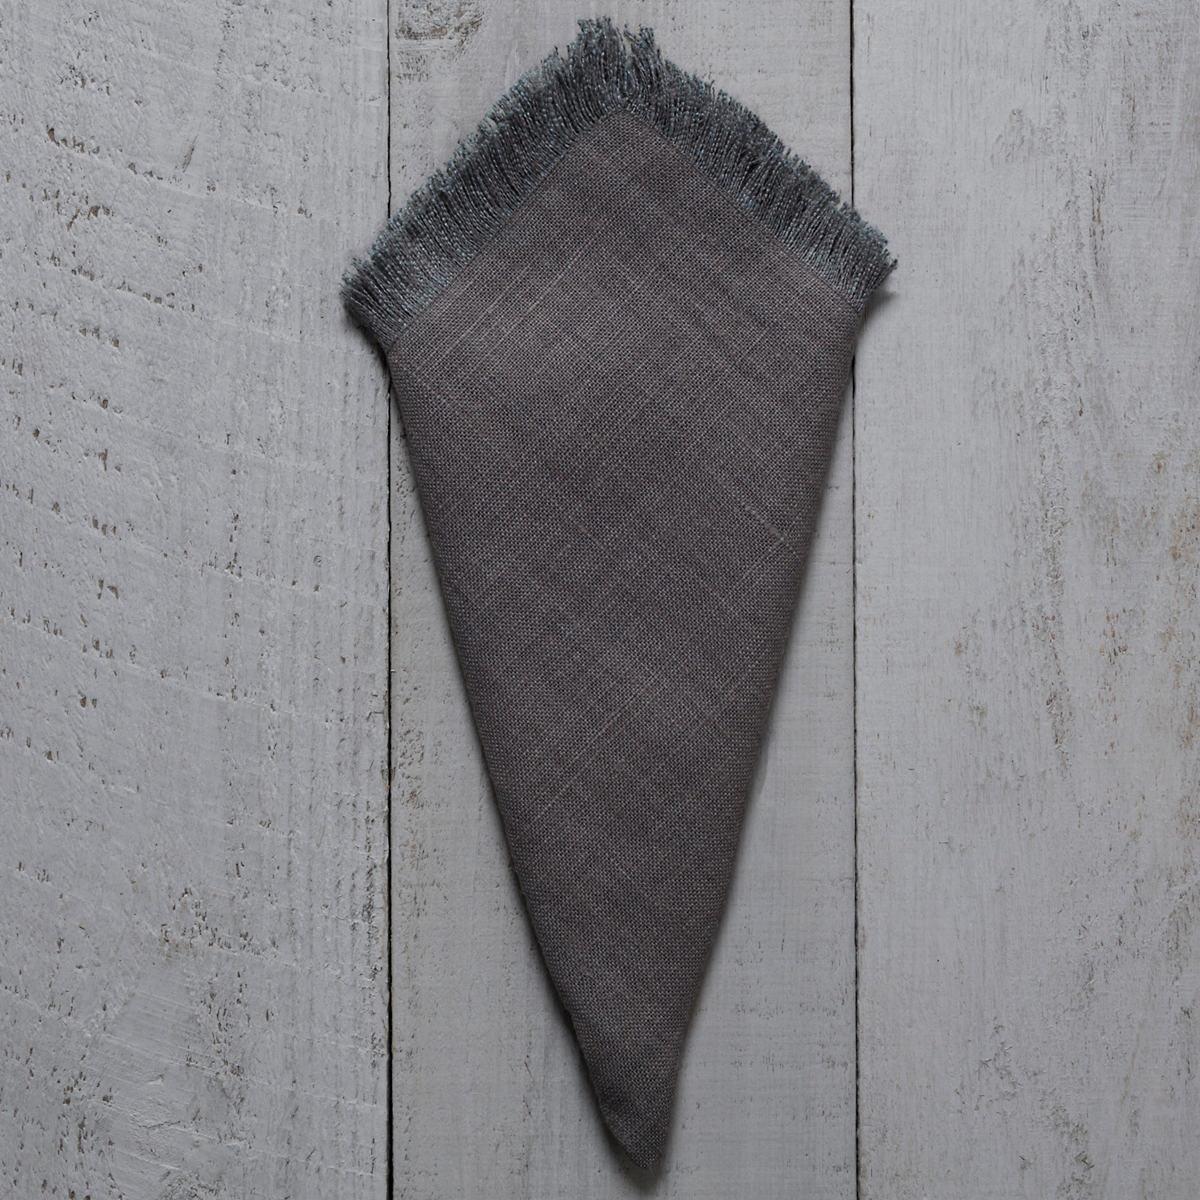 Stone Washed Linen Shale Fringe Napkin